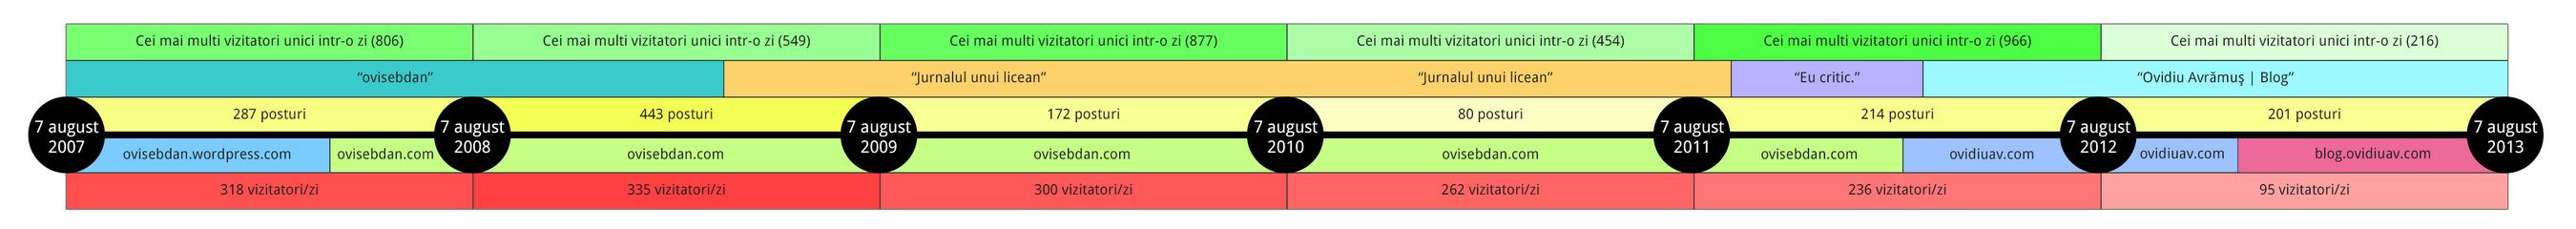 blog-timeline